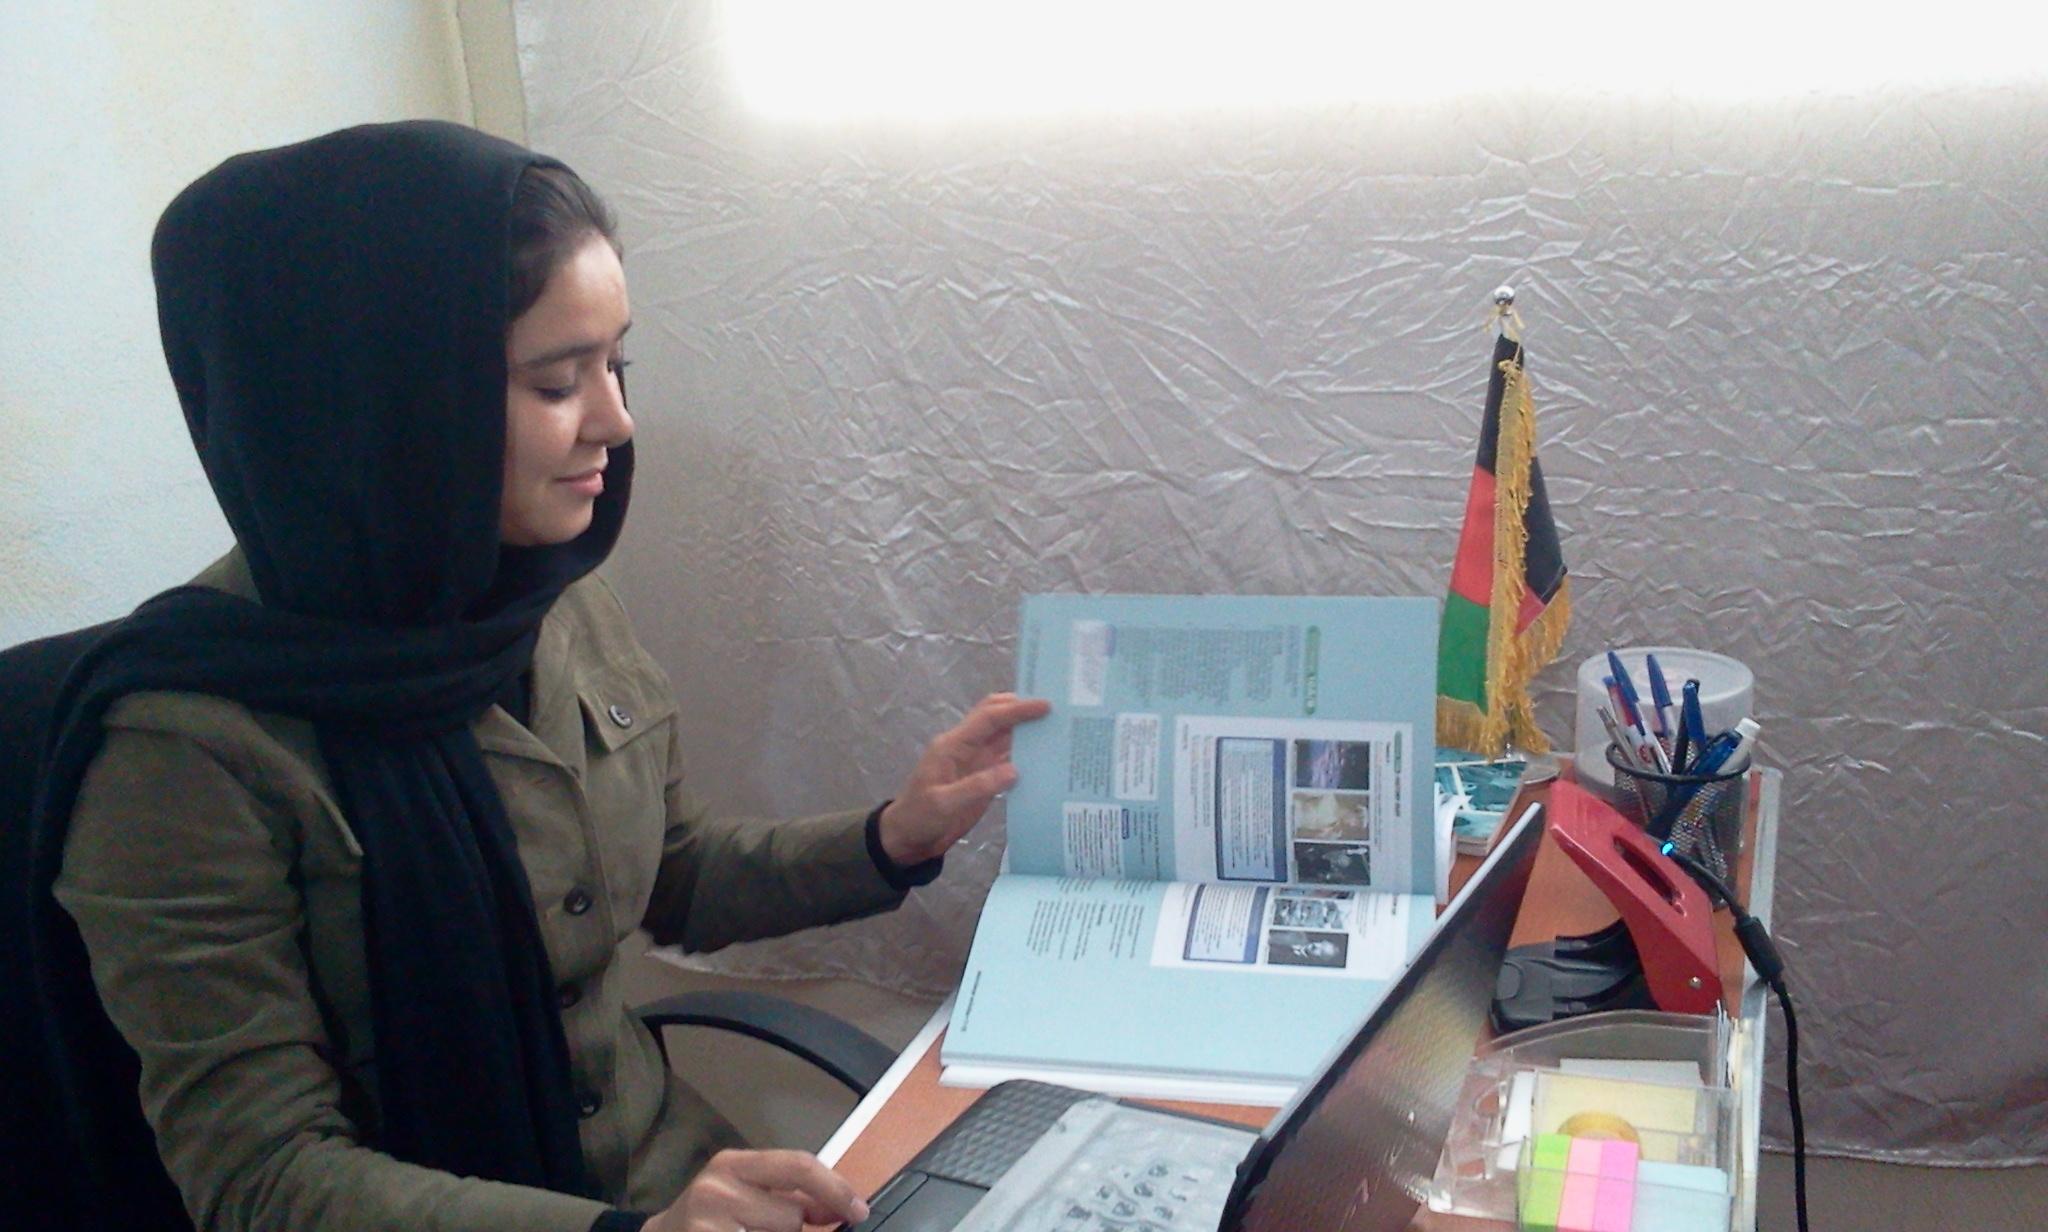 アフガ二スタンに帰還して祖国復興のために働くザハラさん